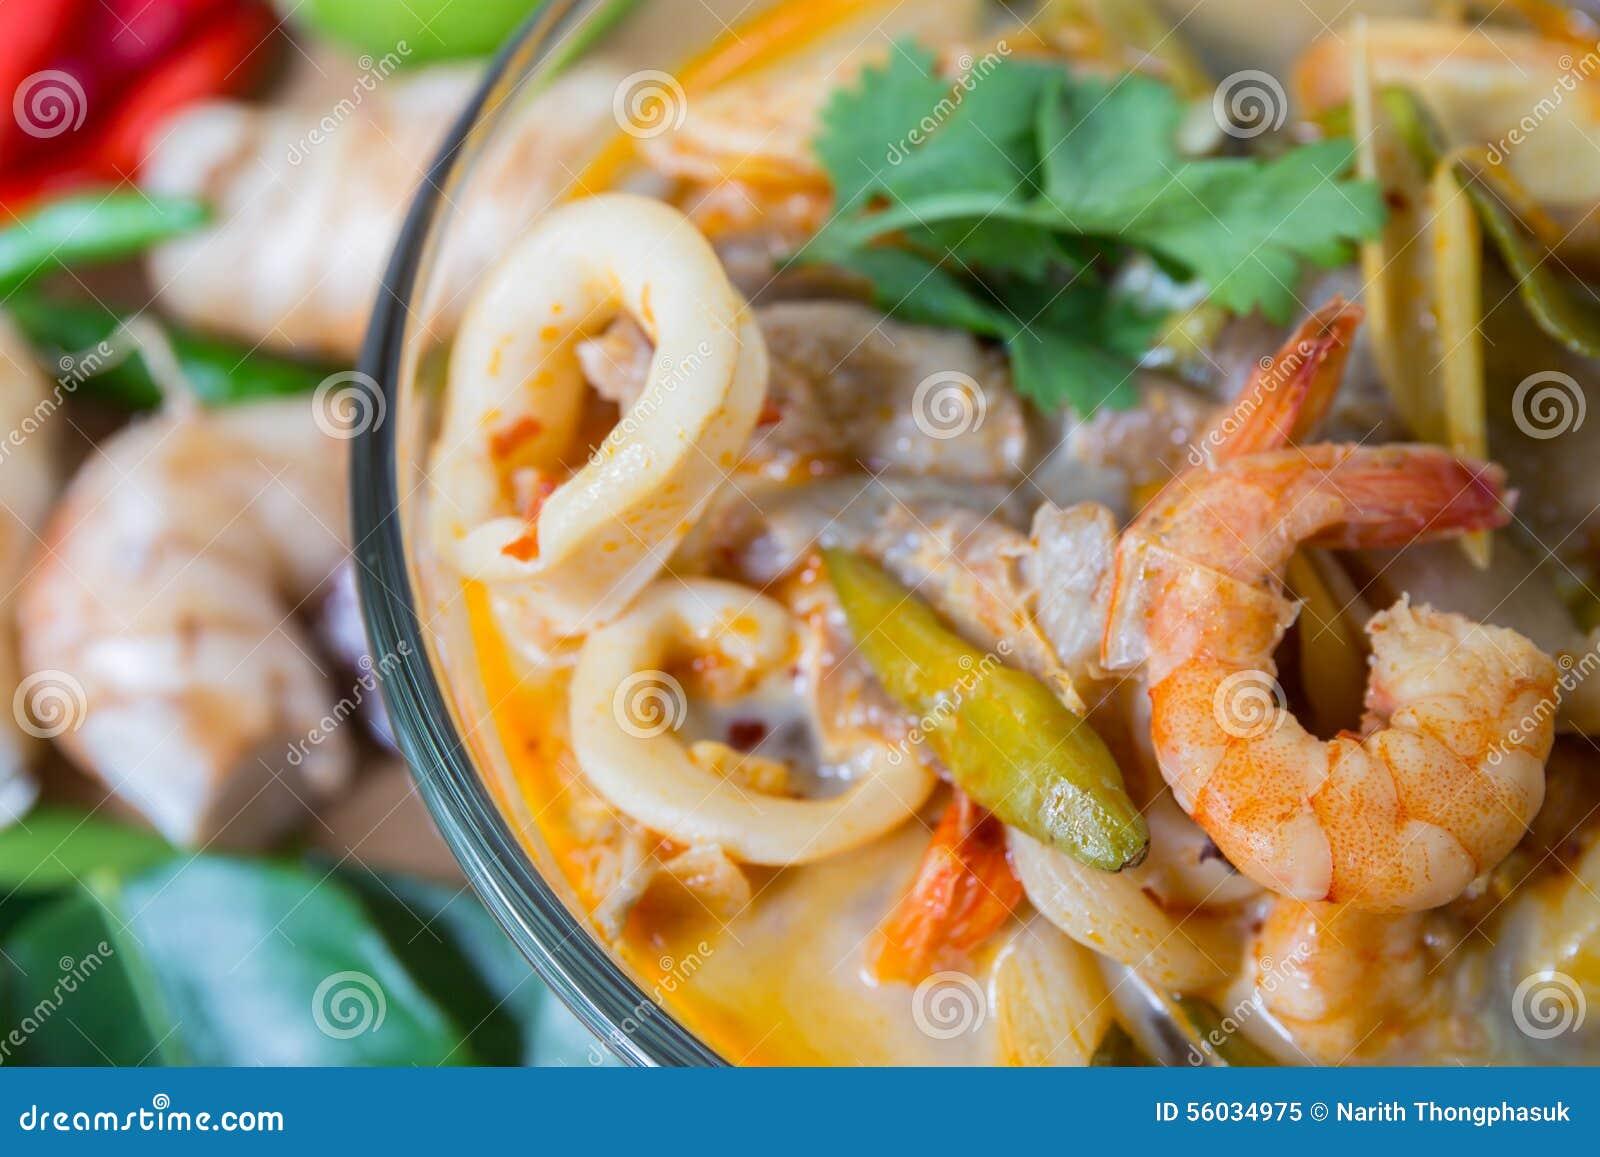 Sopa tailandesa de la especia de Tom yum, comida tailandesa